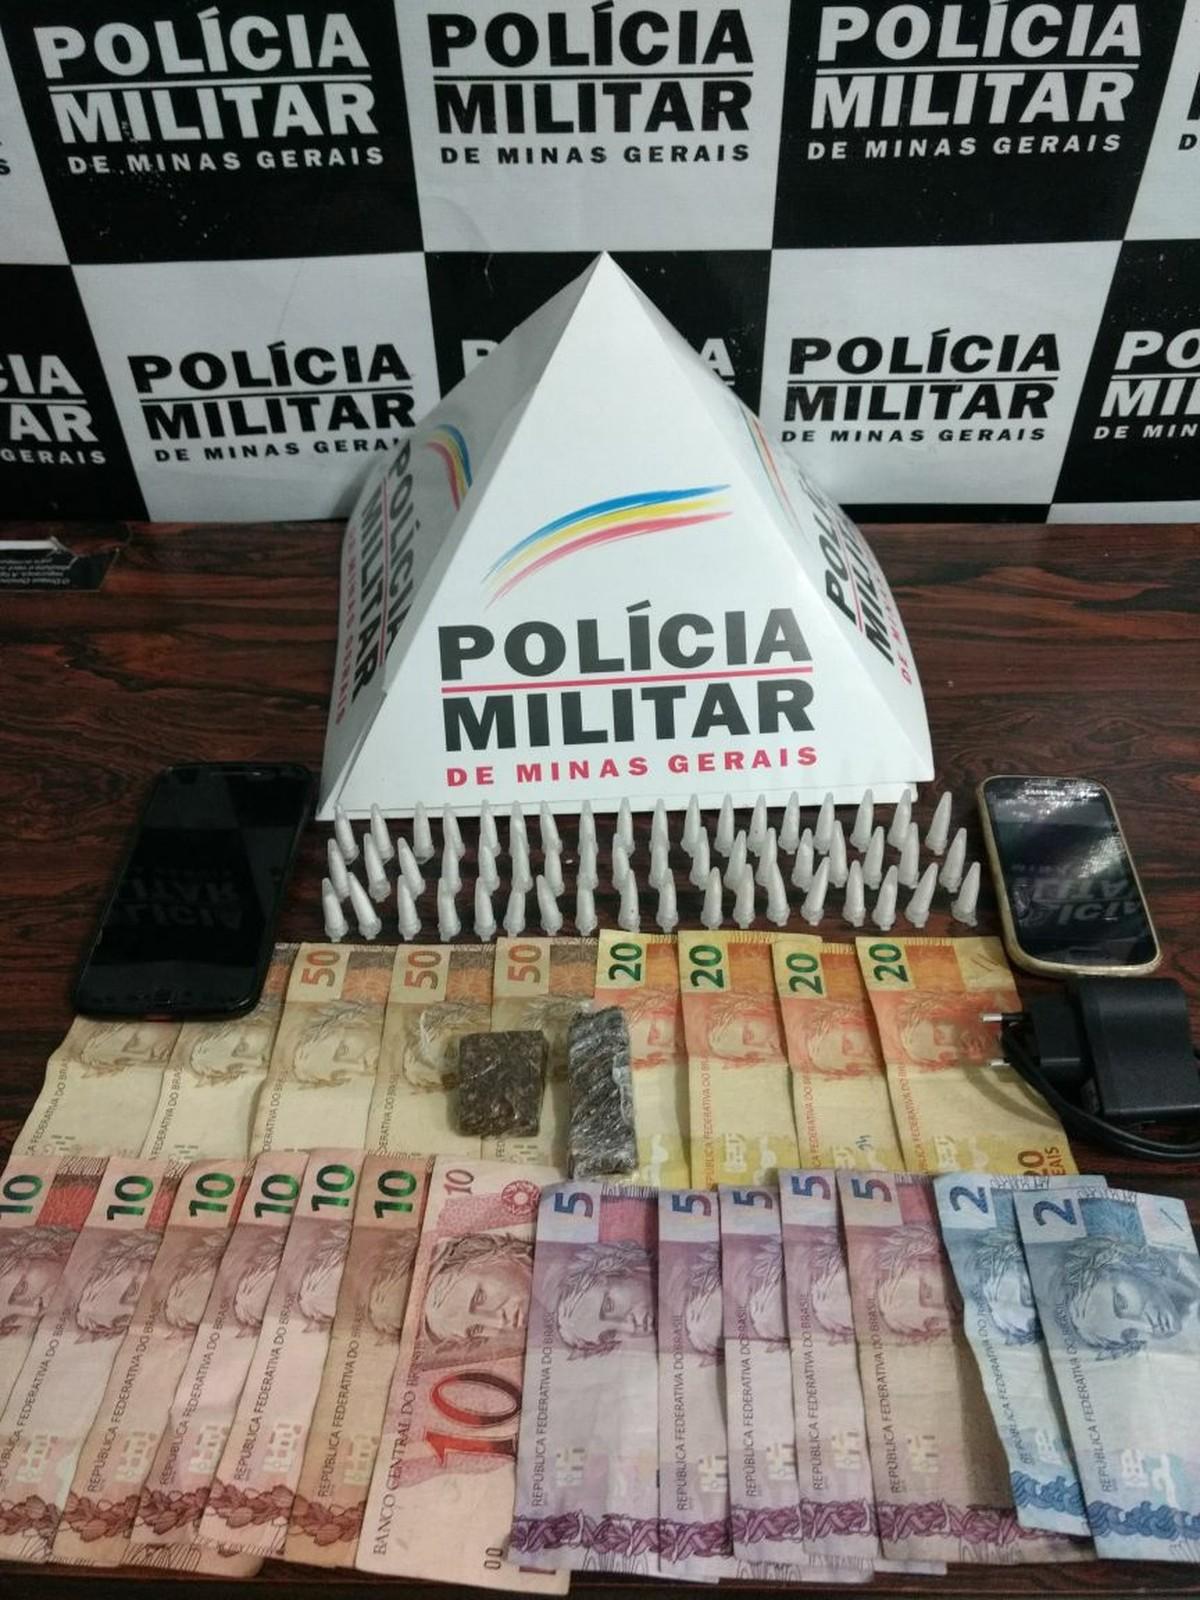 Dupla é detida com maconha e cocaína durante operação da PM em Divinópolis